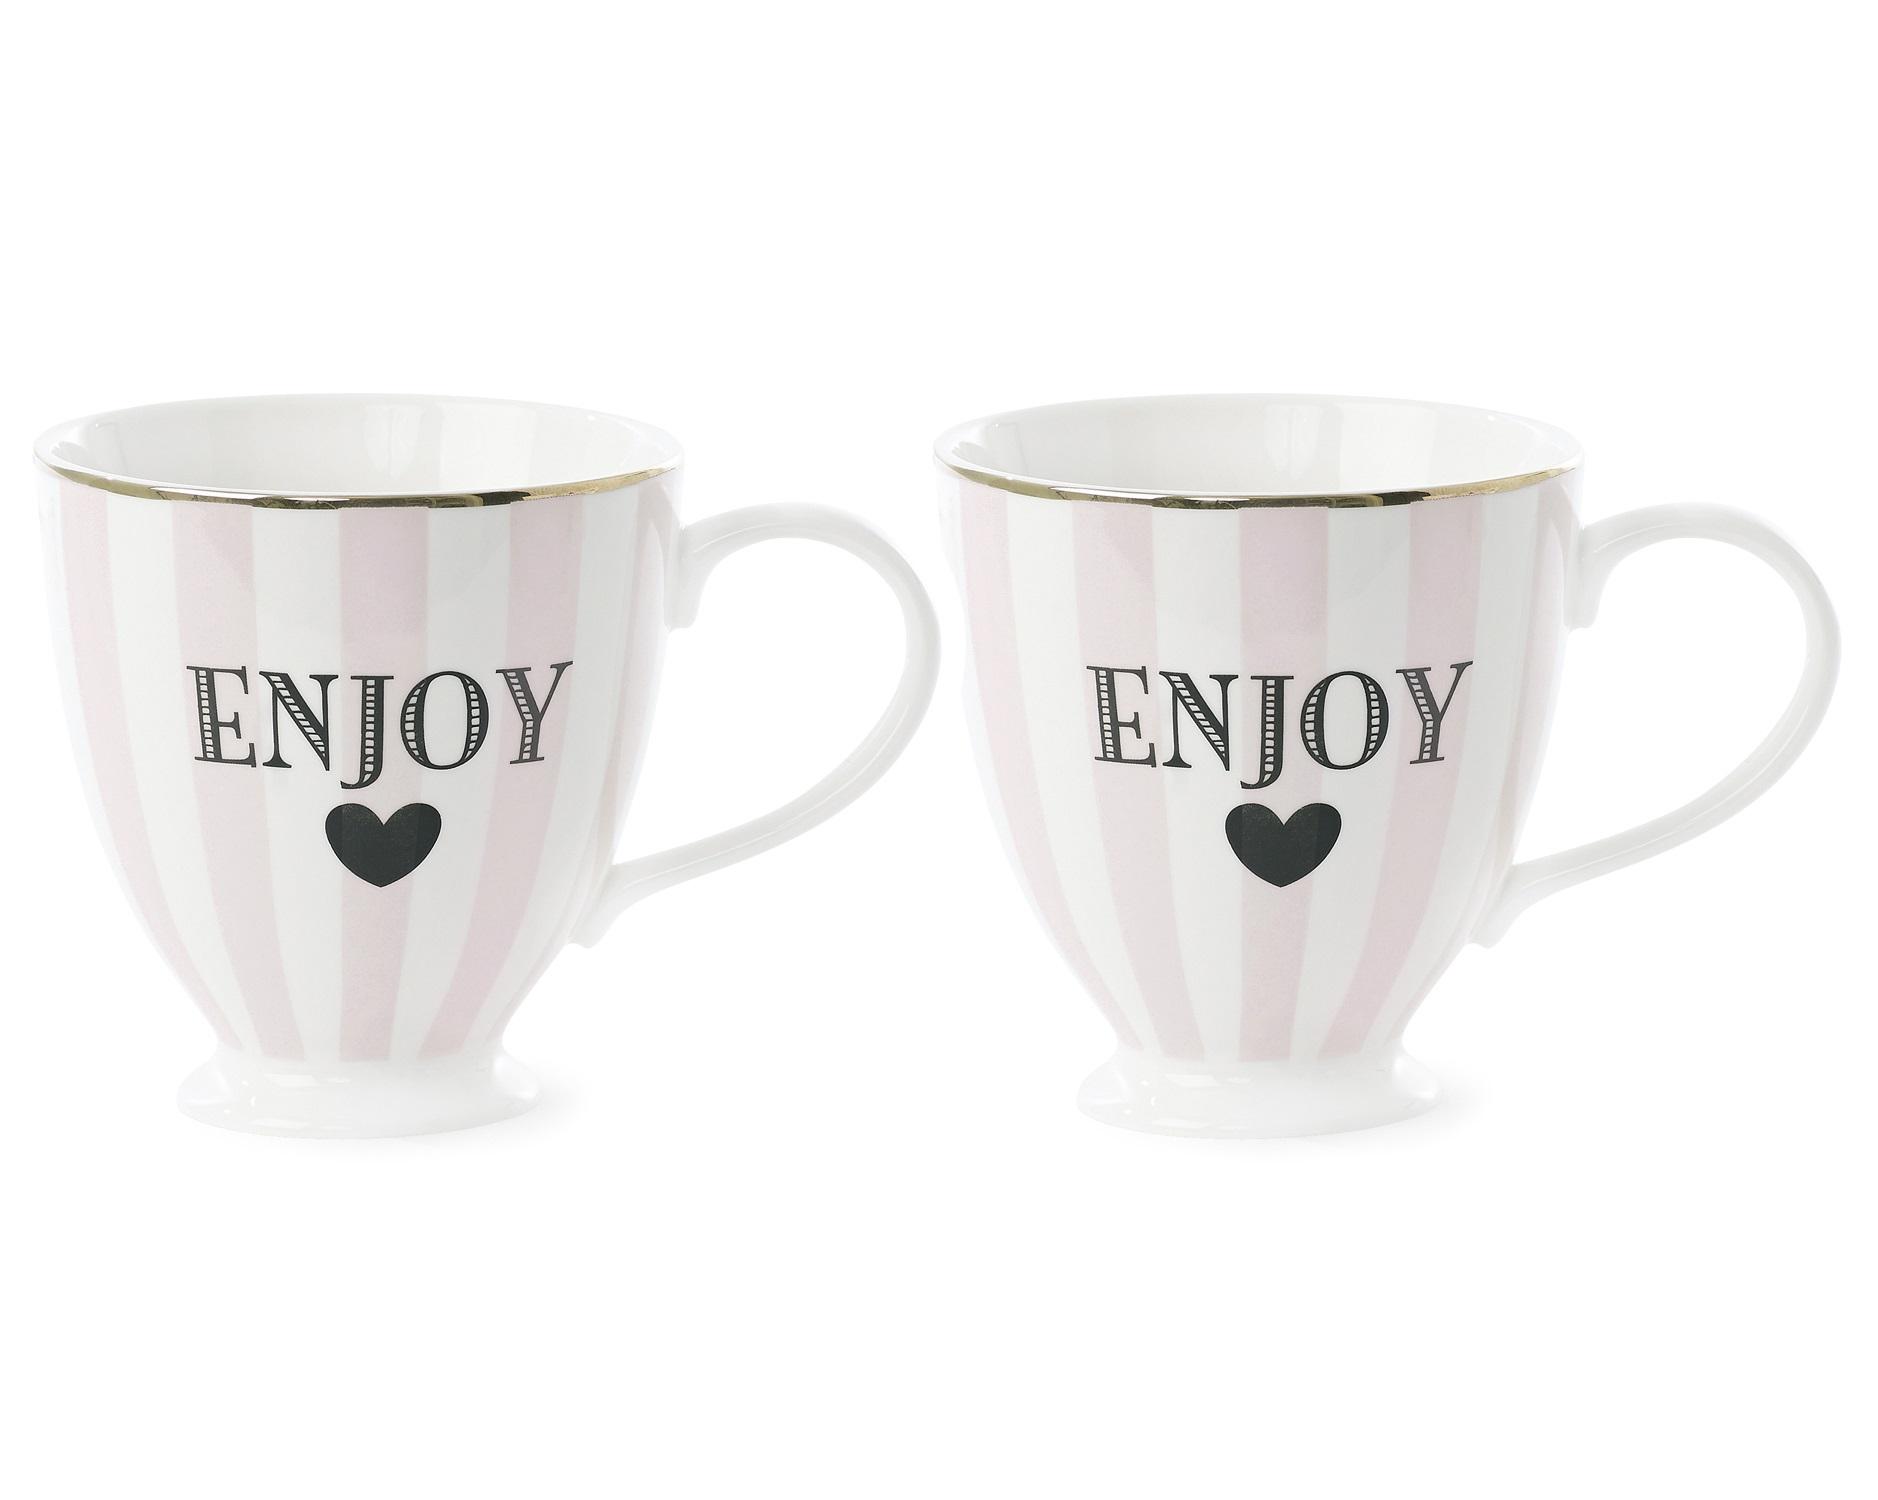 Набор кофейных чашек (2шт)Чайные пары и чашки<br>Чаепитие – настоящее магическое действо, во время которого можно получить море удовольствий сразу. С посудой Miss Etoile ко всем приятностям добавится и эстетическое наслаждение от красивой сервировки. Эта милая чашка выглядят женственно и изящно, в сочетании с ароматным чаем и круассаном она создаст настроение булочной Парижа.&amp;amp;nbsp;&amp;lt;div&amp;gt;&amp;lt;br&amp;gt;&amp;lt;/div&amp;gt;&amp;lt;div&amp;gt;Объем 300 мл.&amp;amp;nbsp;&amp;lt;/div&amp;gt;&amp;lt;div&amp;gt;В наборе 2 шт.  ( H:10 см)&amp;lt;/div&amp;gt;<br><br>Material: Керамика<br>Height см: 10